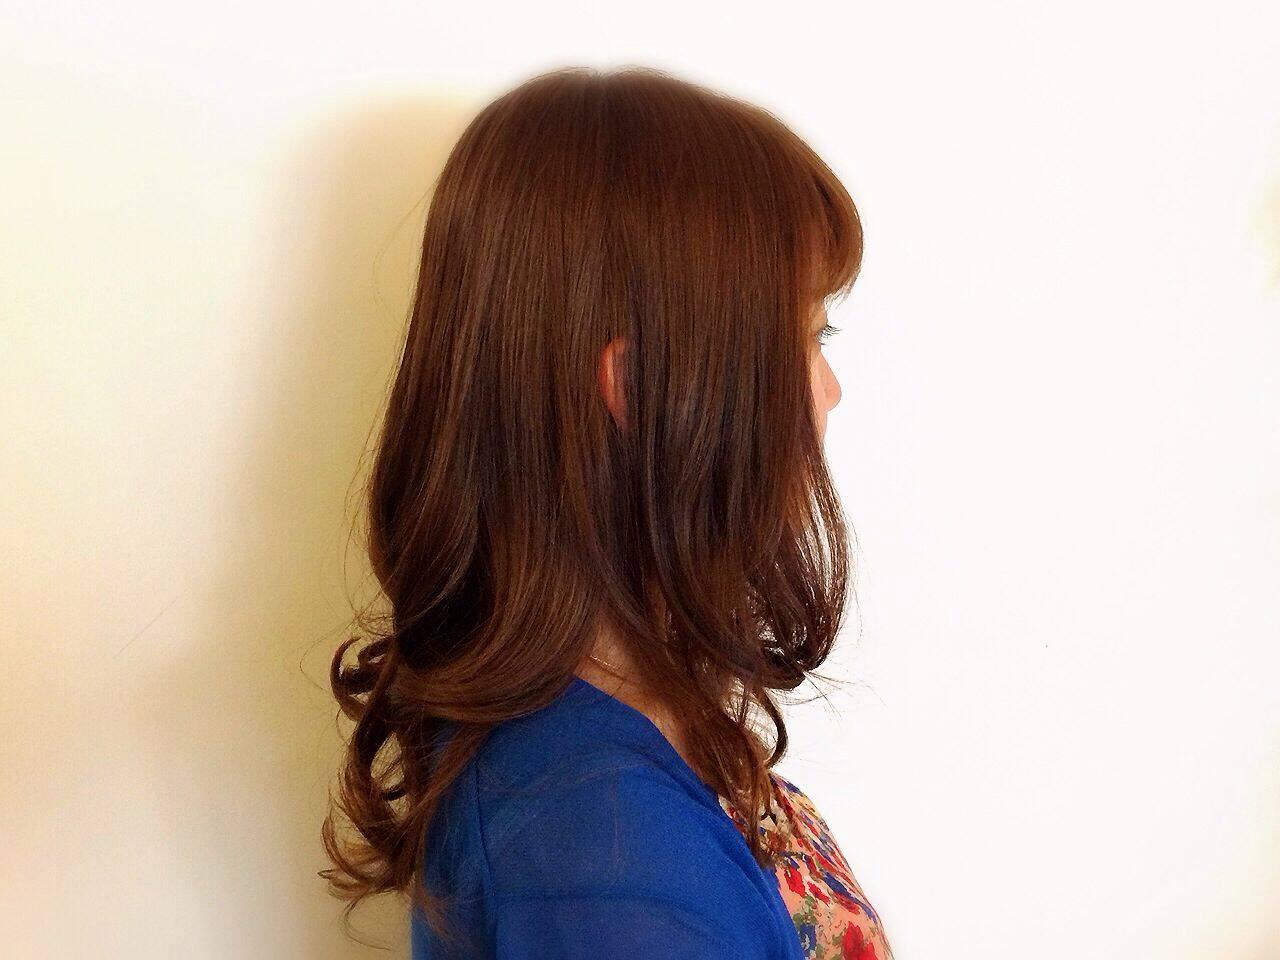 モテ髪 ナチュラル 愛され ゆるふわヘアスタイルや髪型の写真・画像